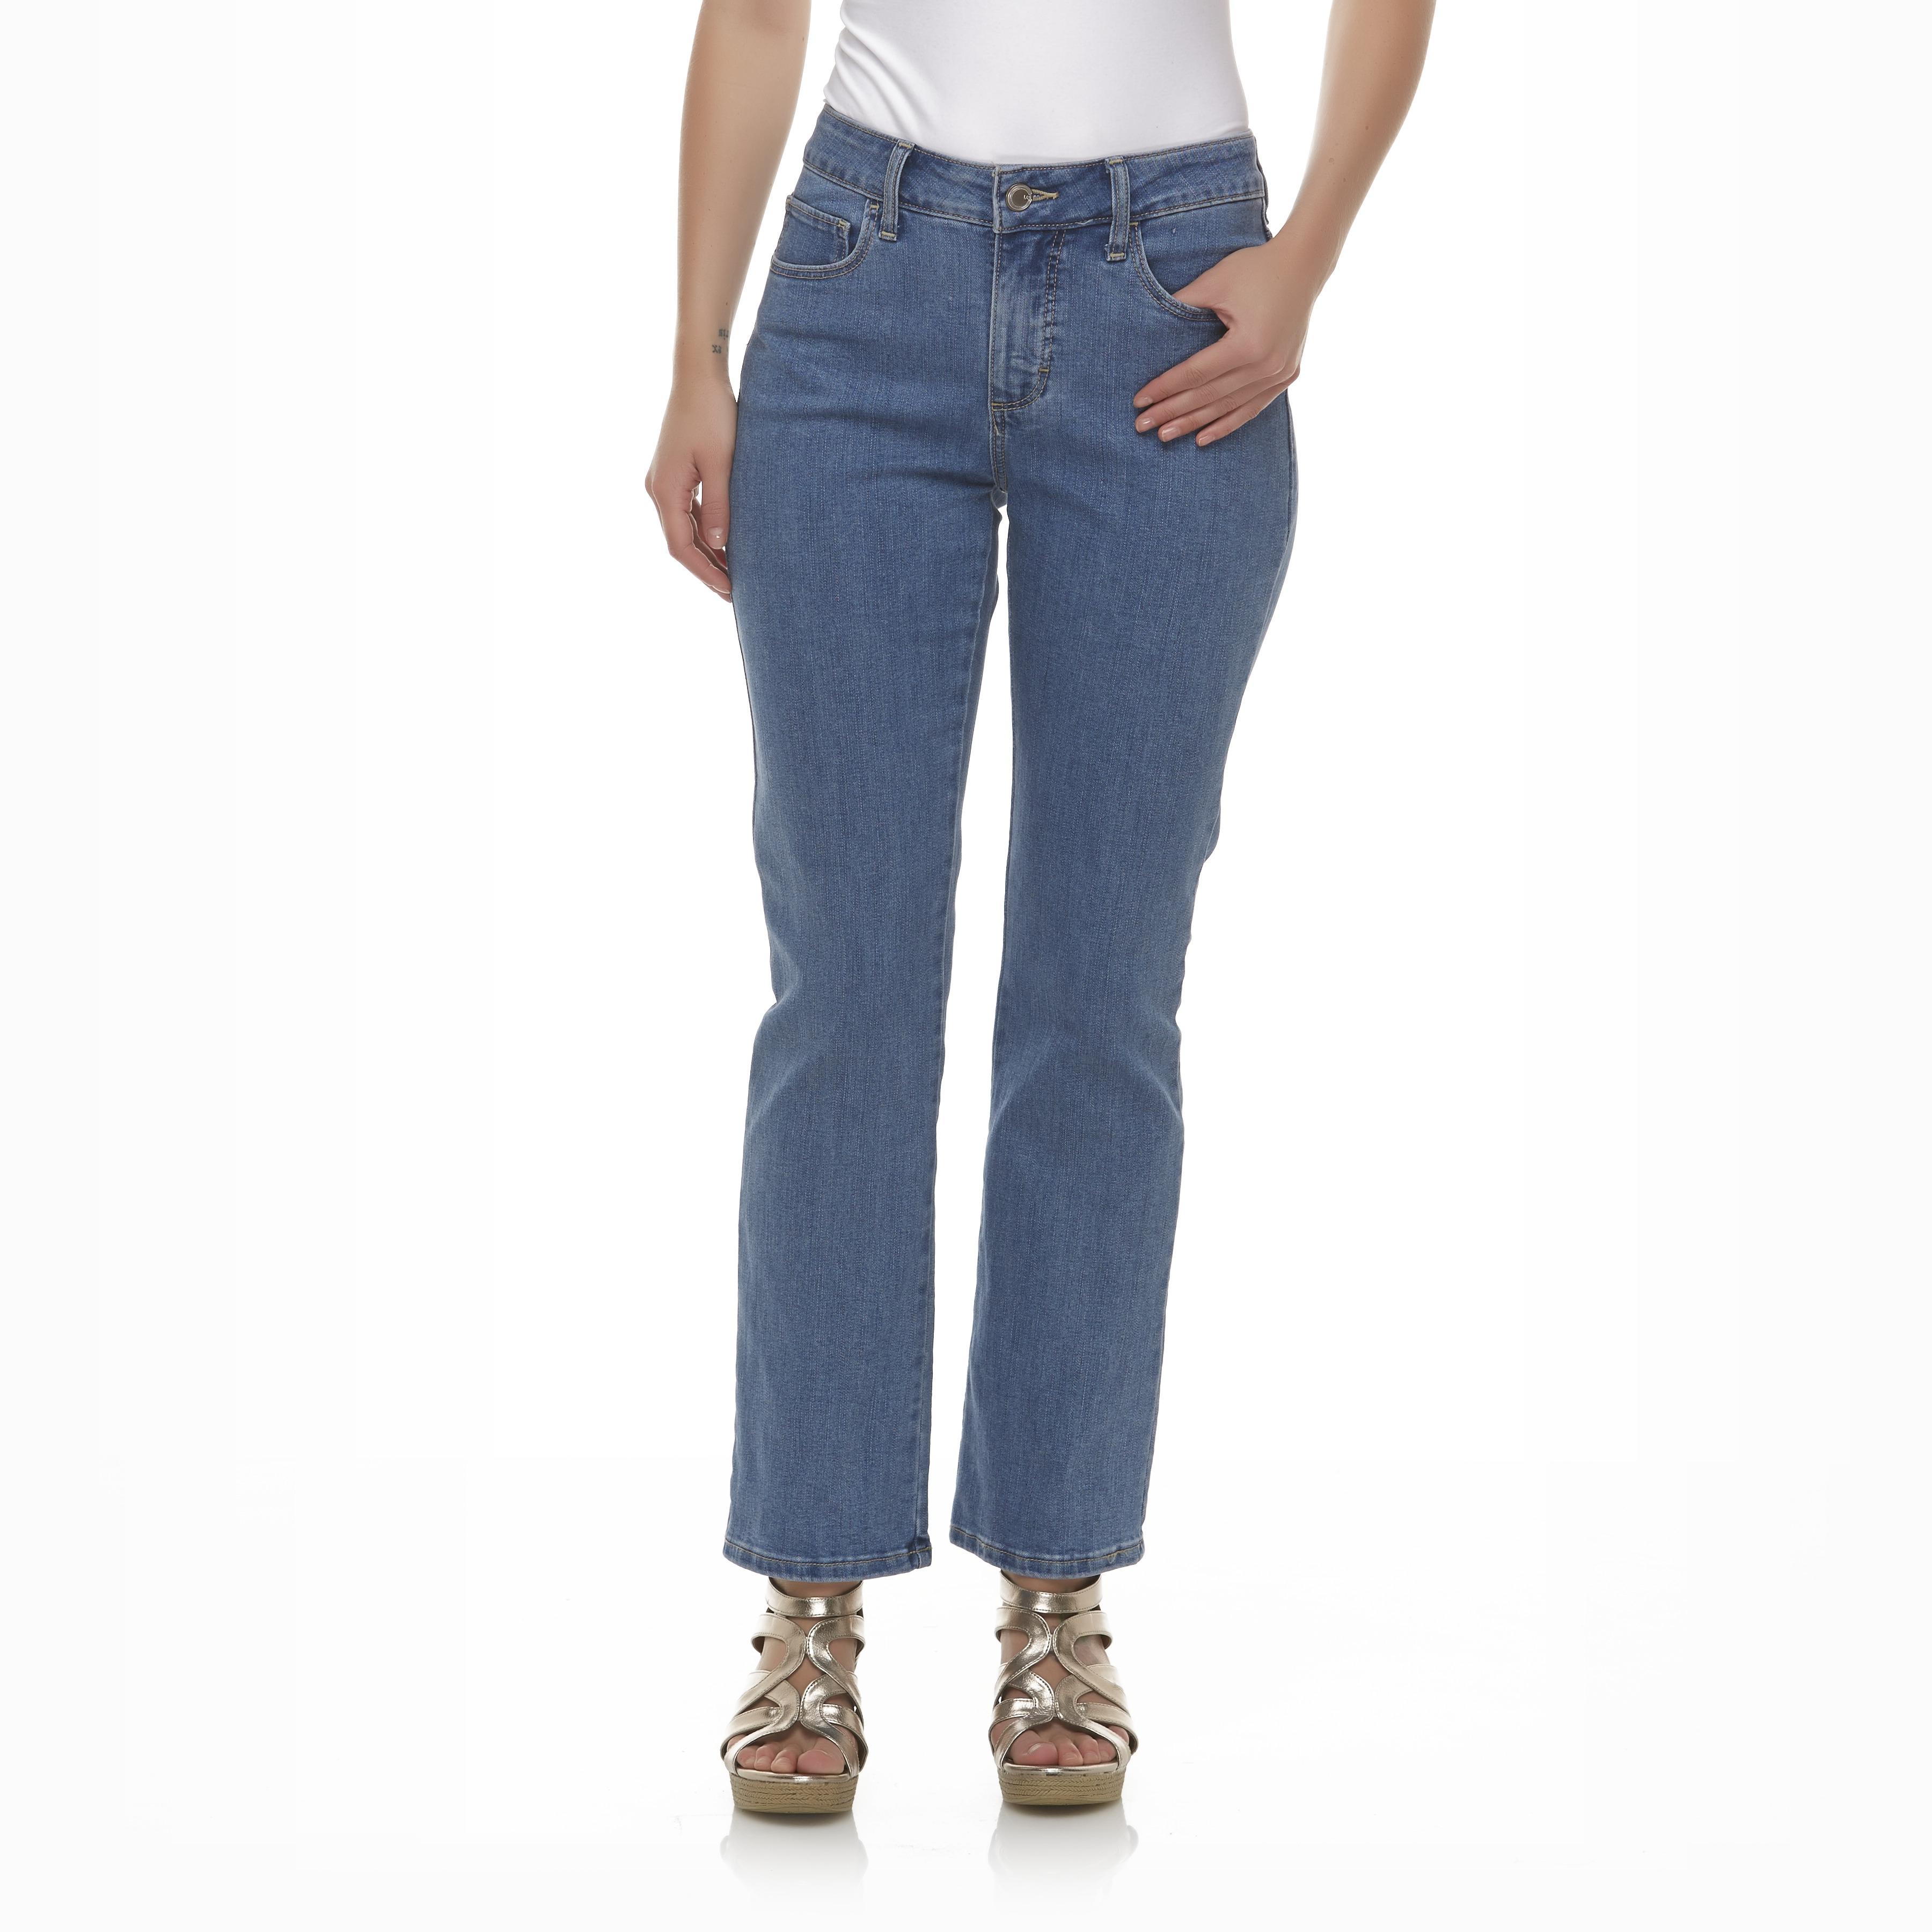 womens jeans lee womenu0027s classic fit jeans TKIVZLG